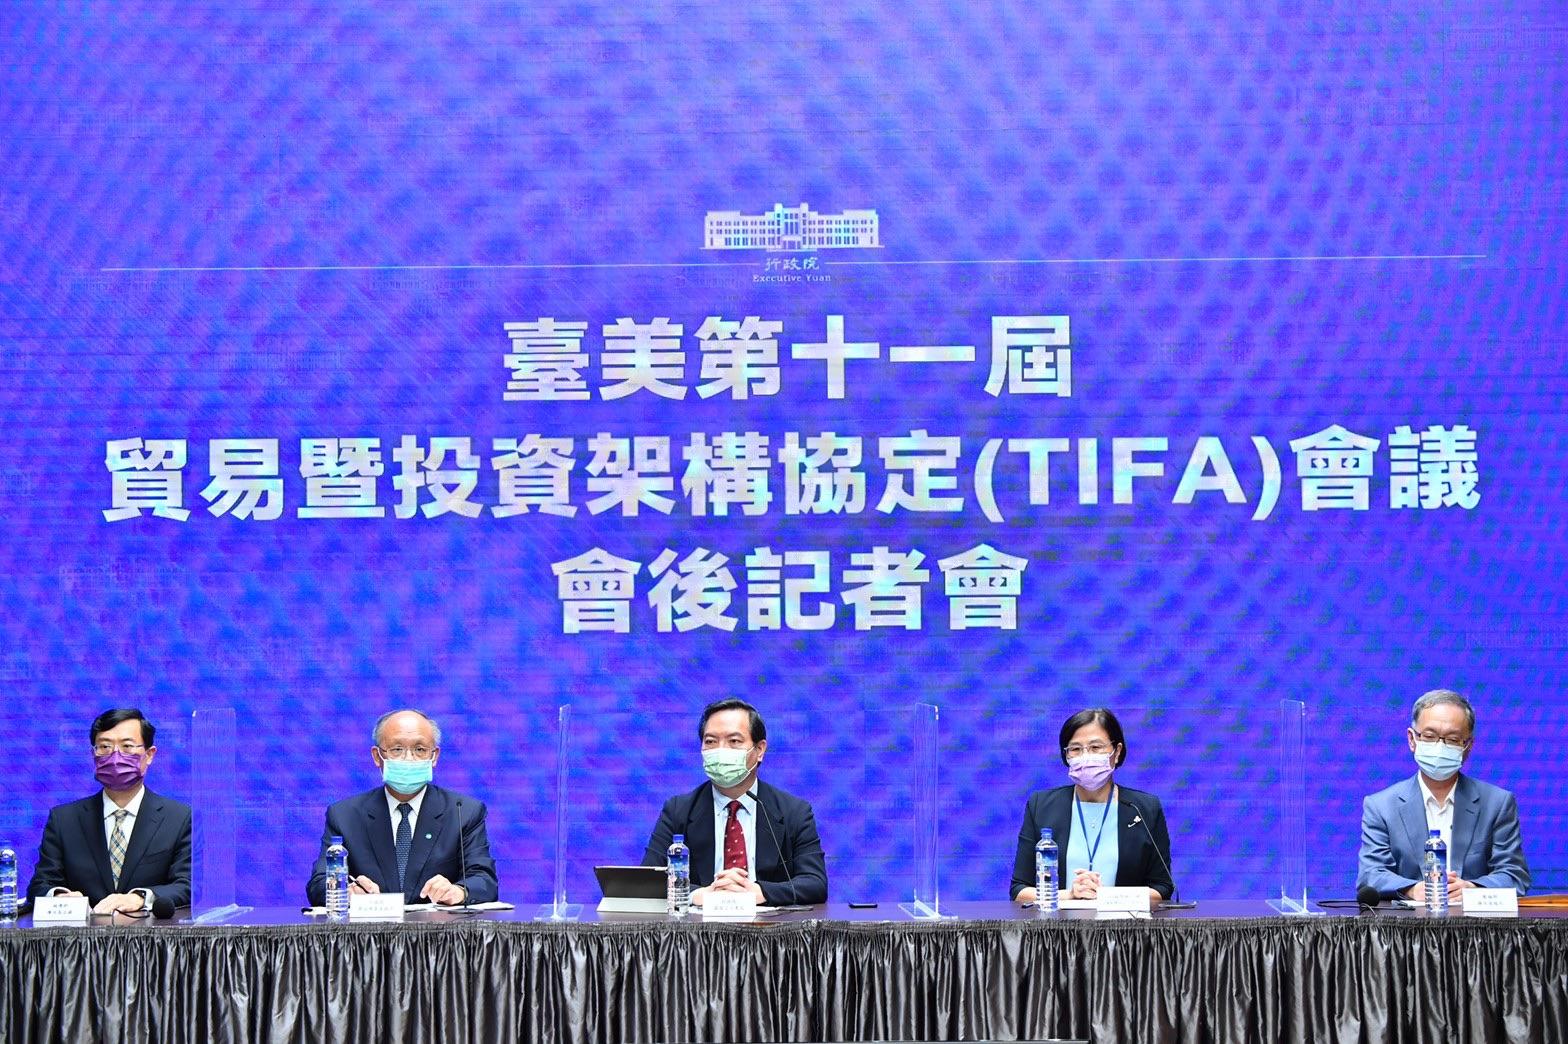 台灣行政院舉行第11屆TIFA會後記者會。(行政院提供)